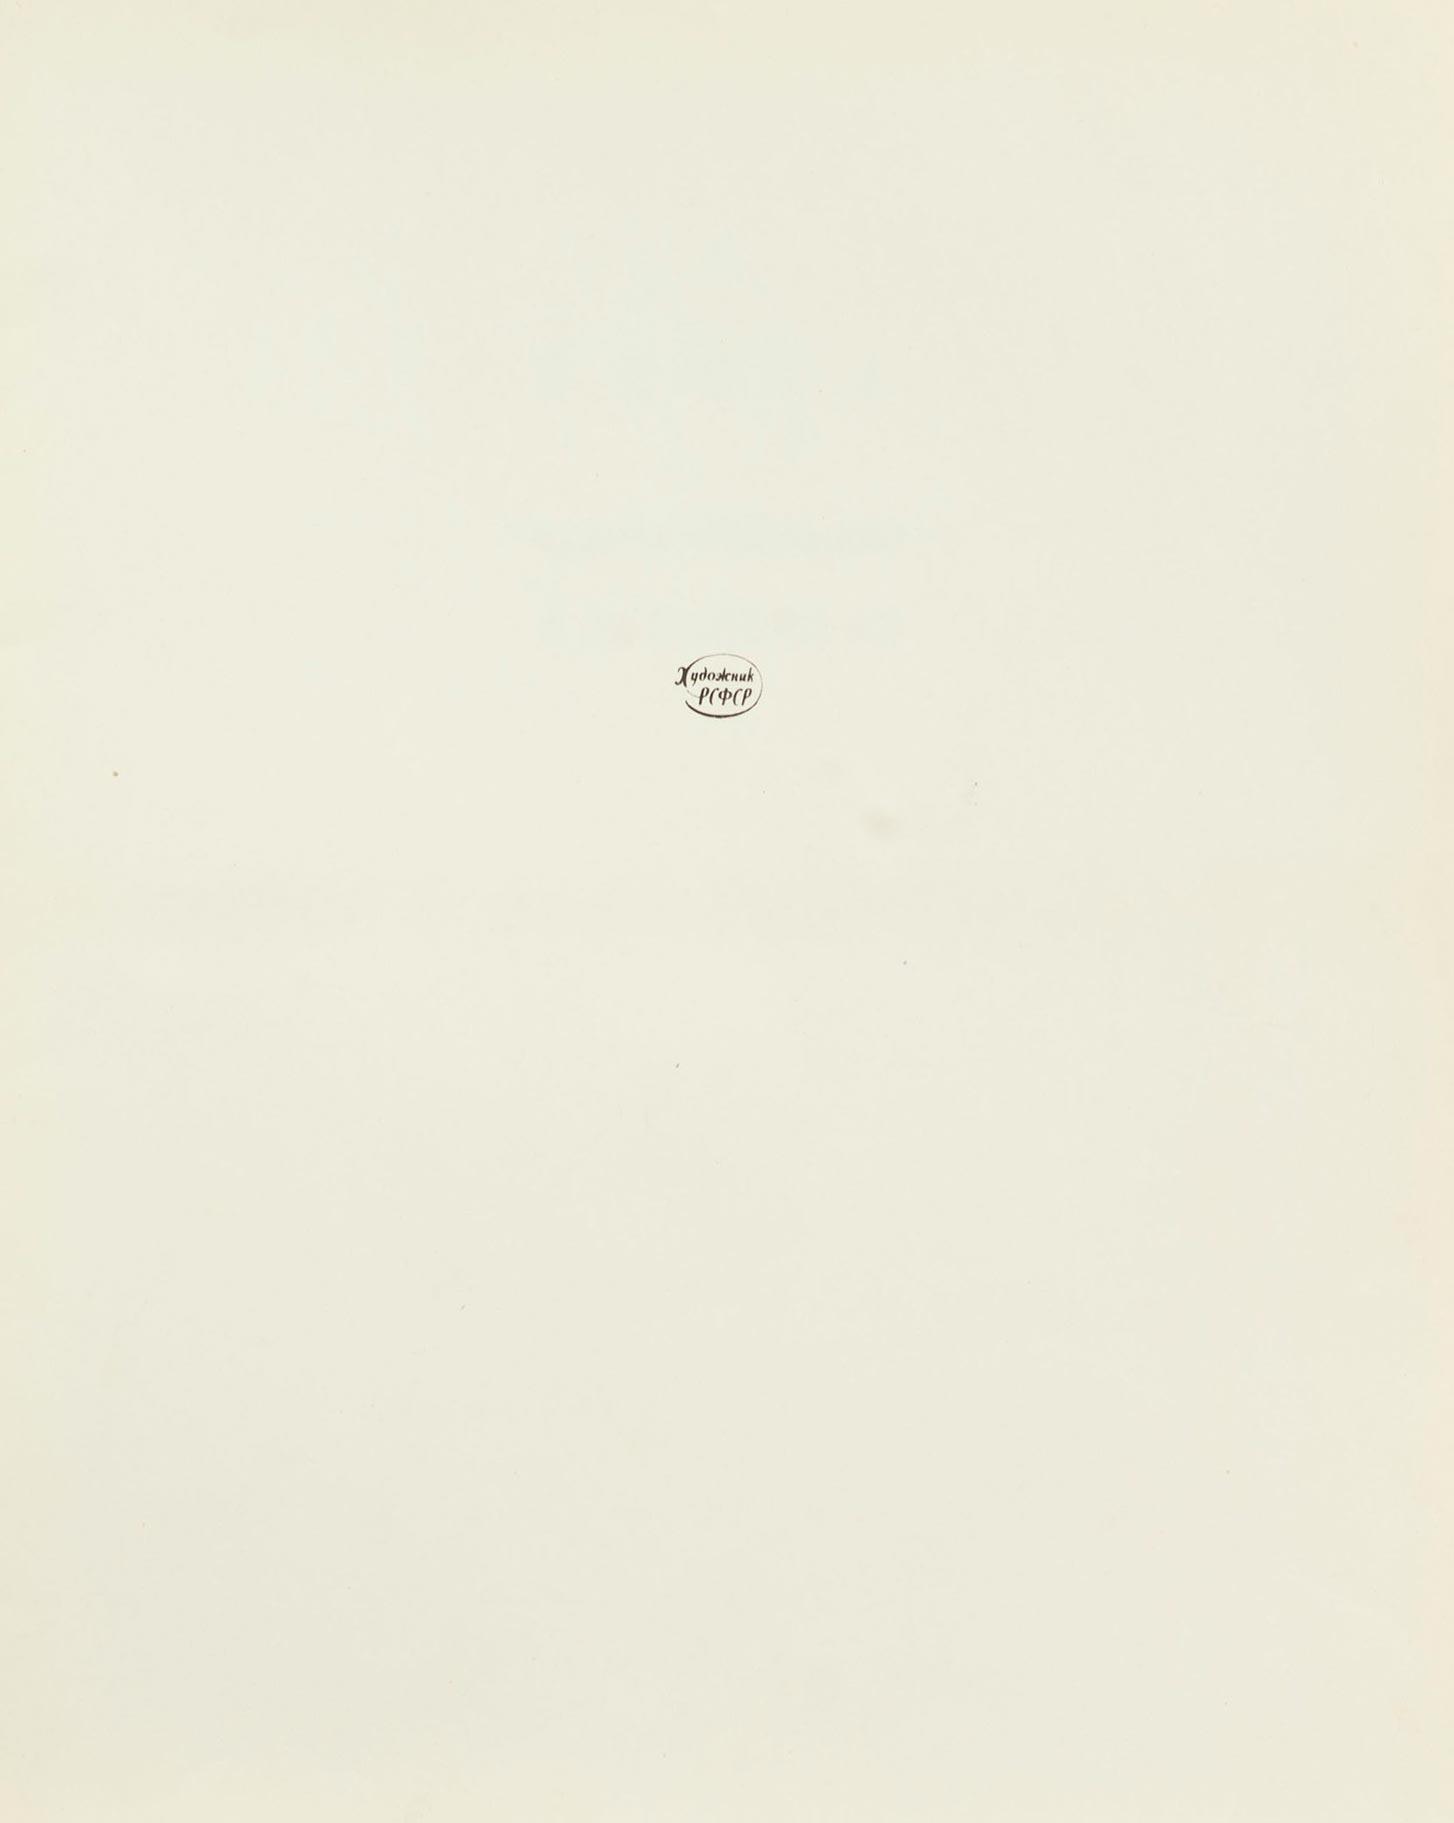 Из собрания скульптура Аникушина М.К. Папка экз. № 27.«Охота».12 автолитографий Лебедева В.В. в издательской папке.